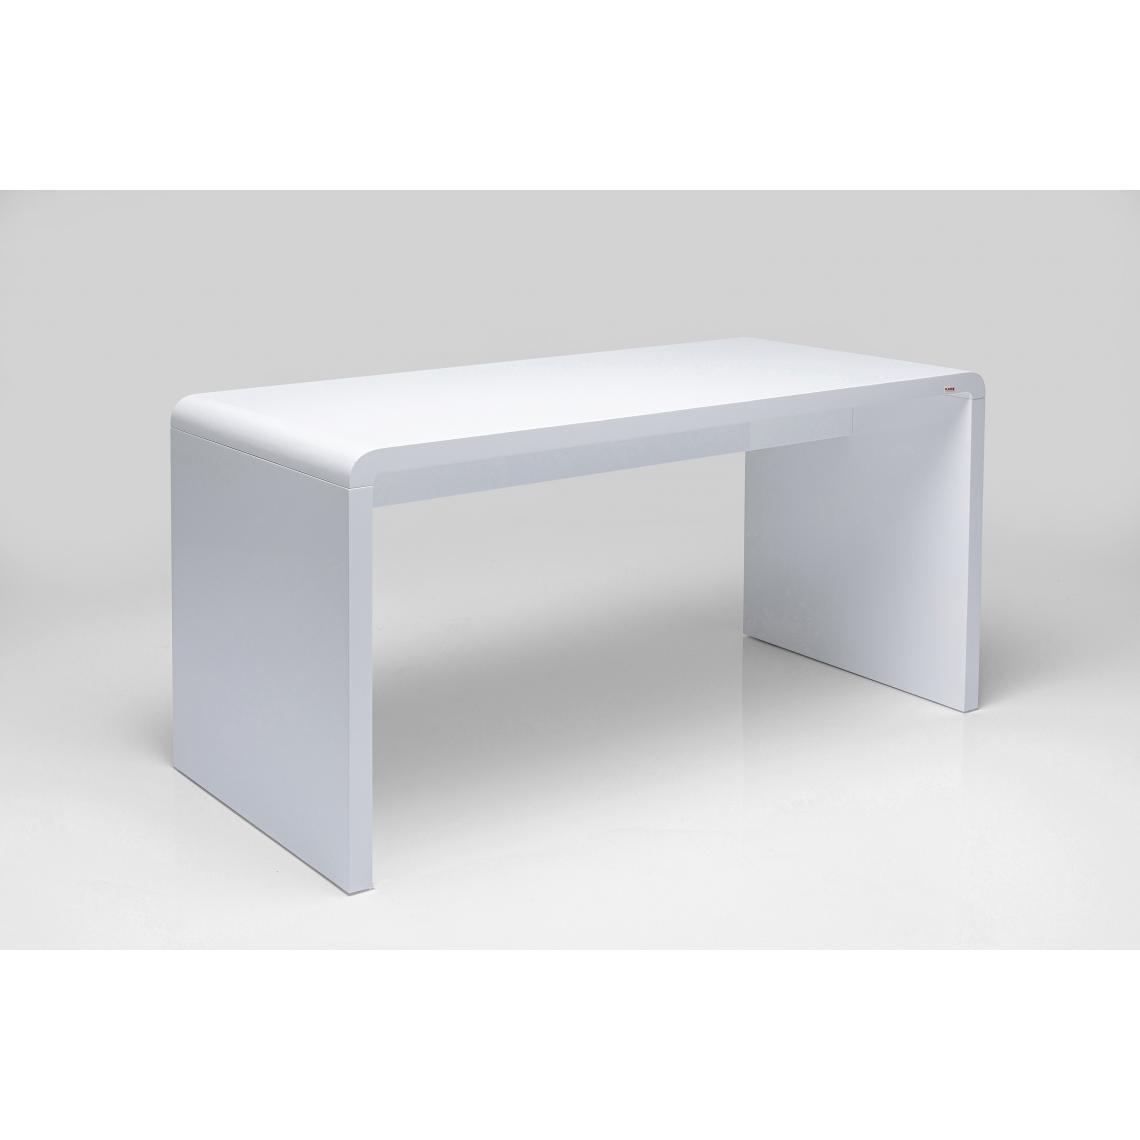 KARE DESIGN Bureau blanc Mathieu 180x85